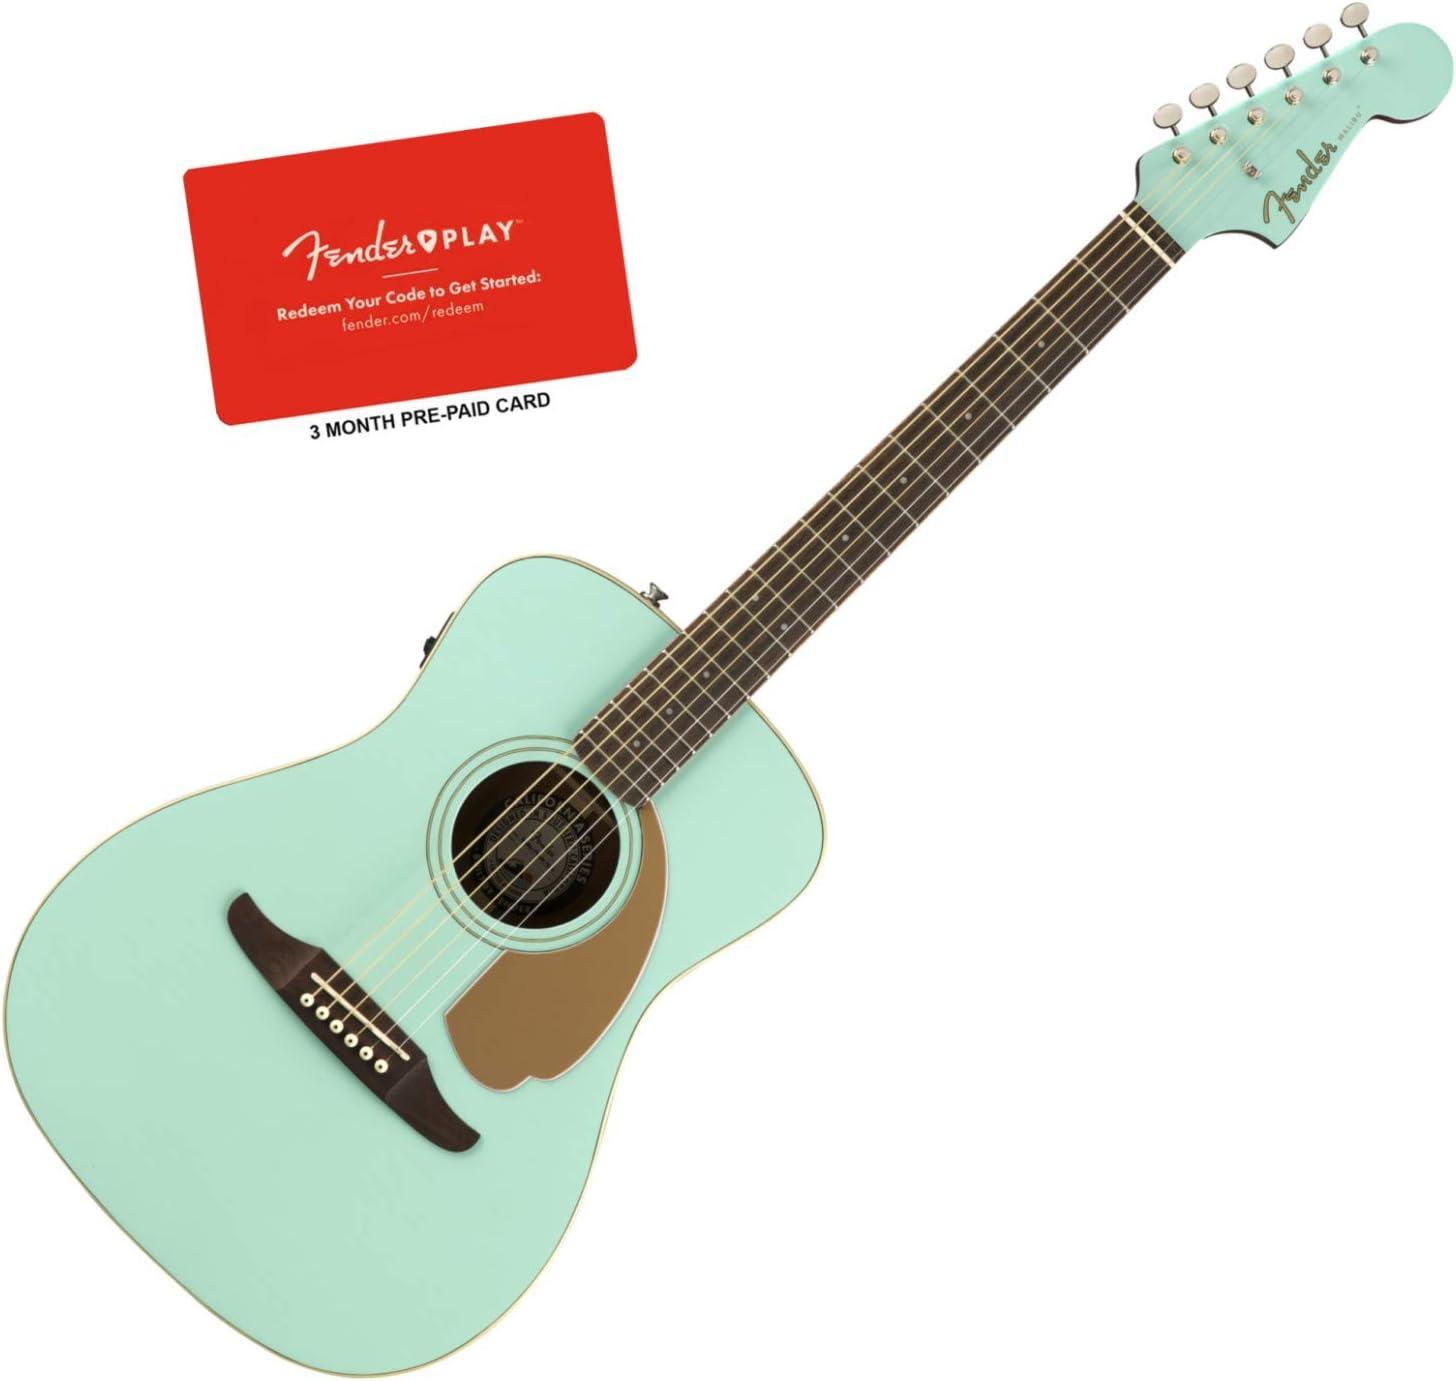 Fender Malibu Player Aqua Splash - Guitarra acústica eléctrica con función de Fender Play (tarjeta prepagada de 3 meses): Amazon.es: Instrumentos musicales